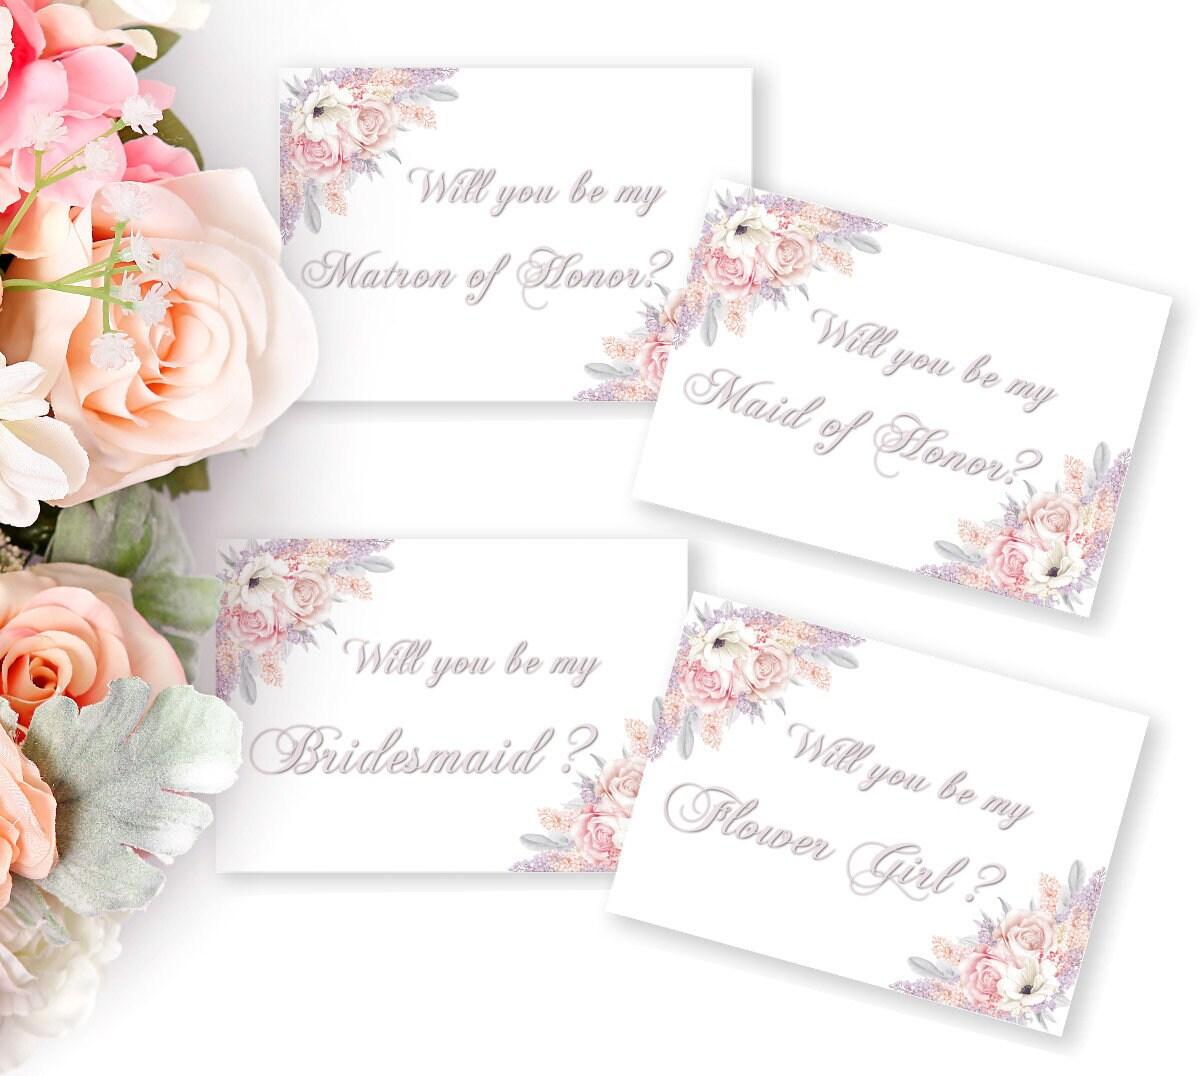 Hochzeitskarten Set, Trauzeugin, Brautjungfer, Blumenmädchen ...